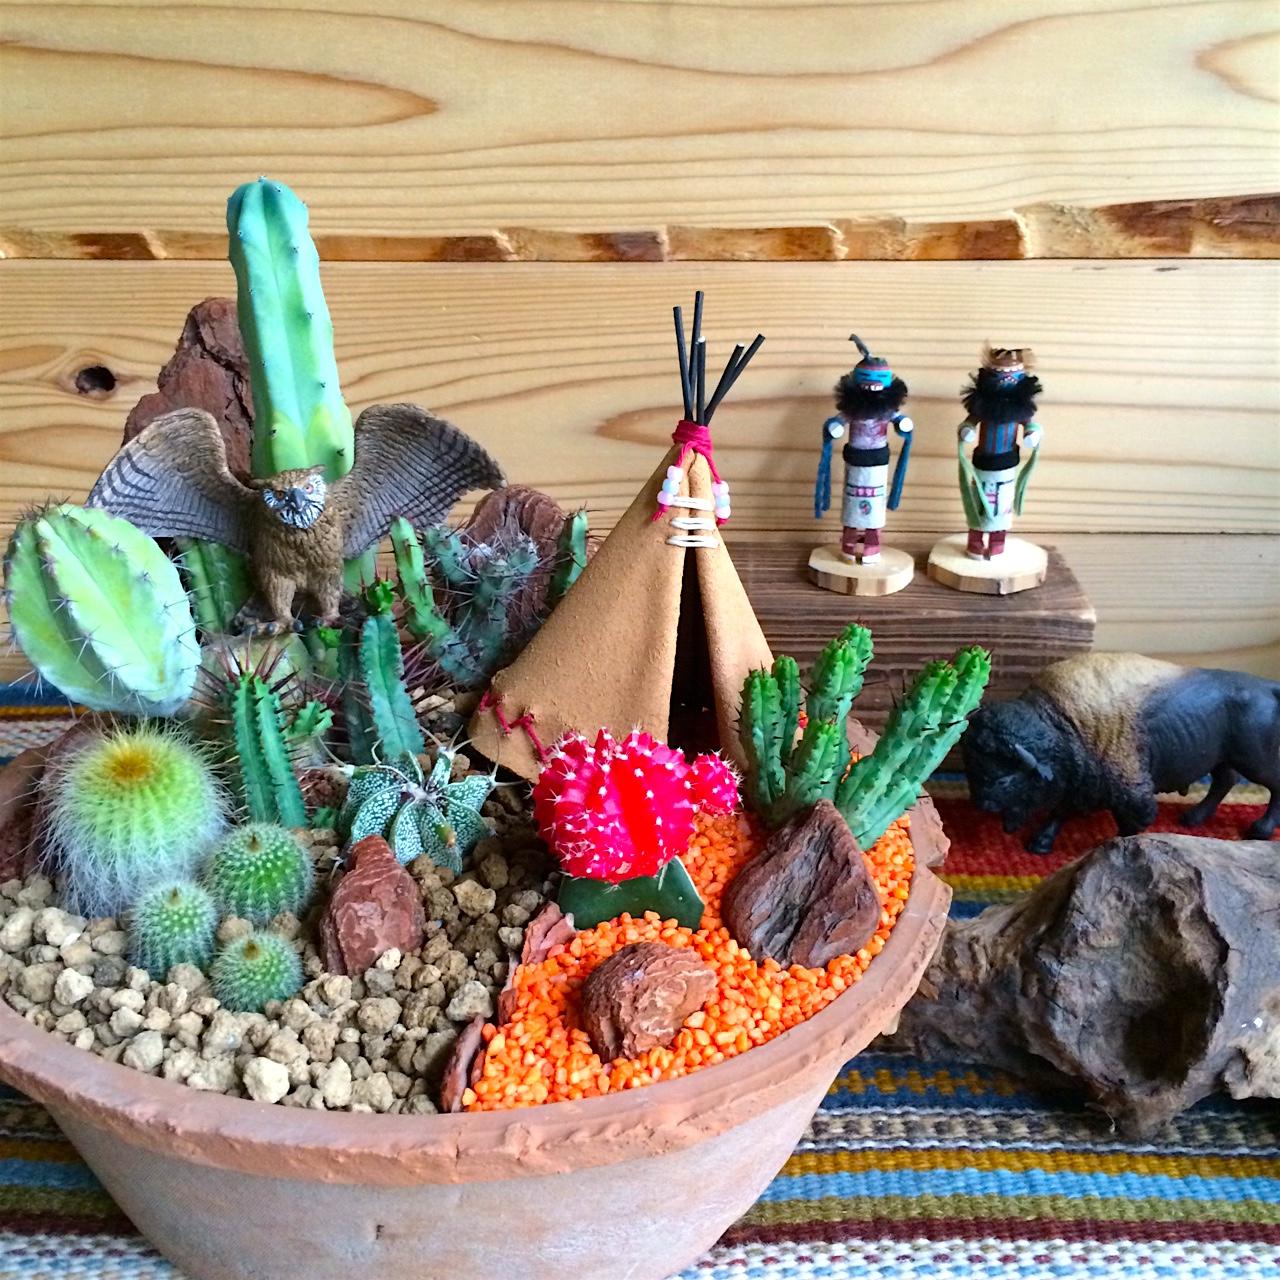 Owl & Tipi in Cactus